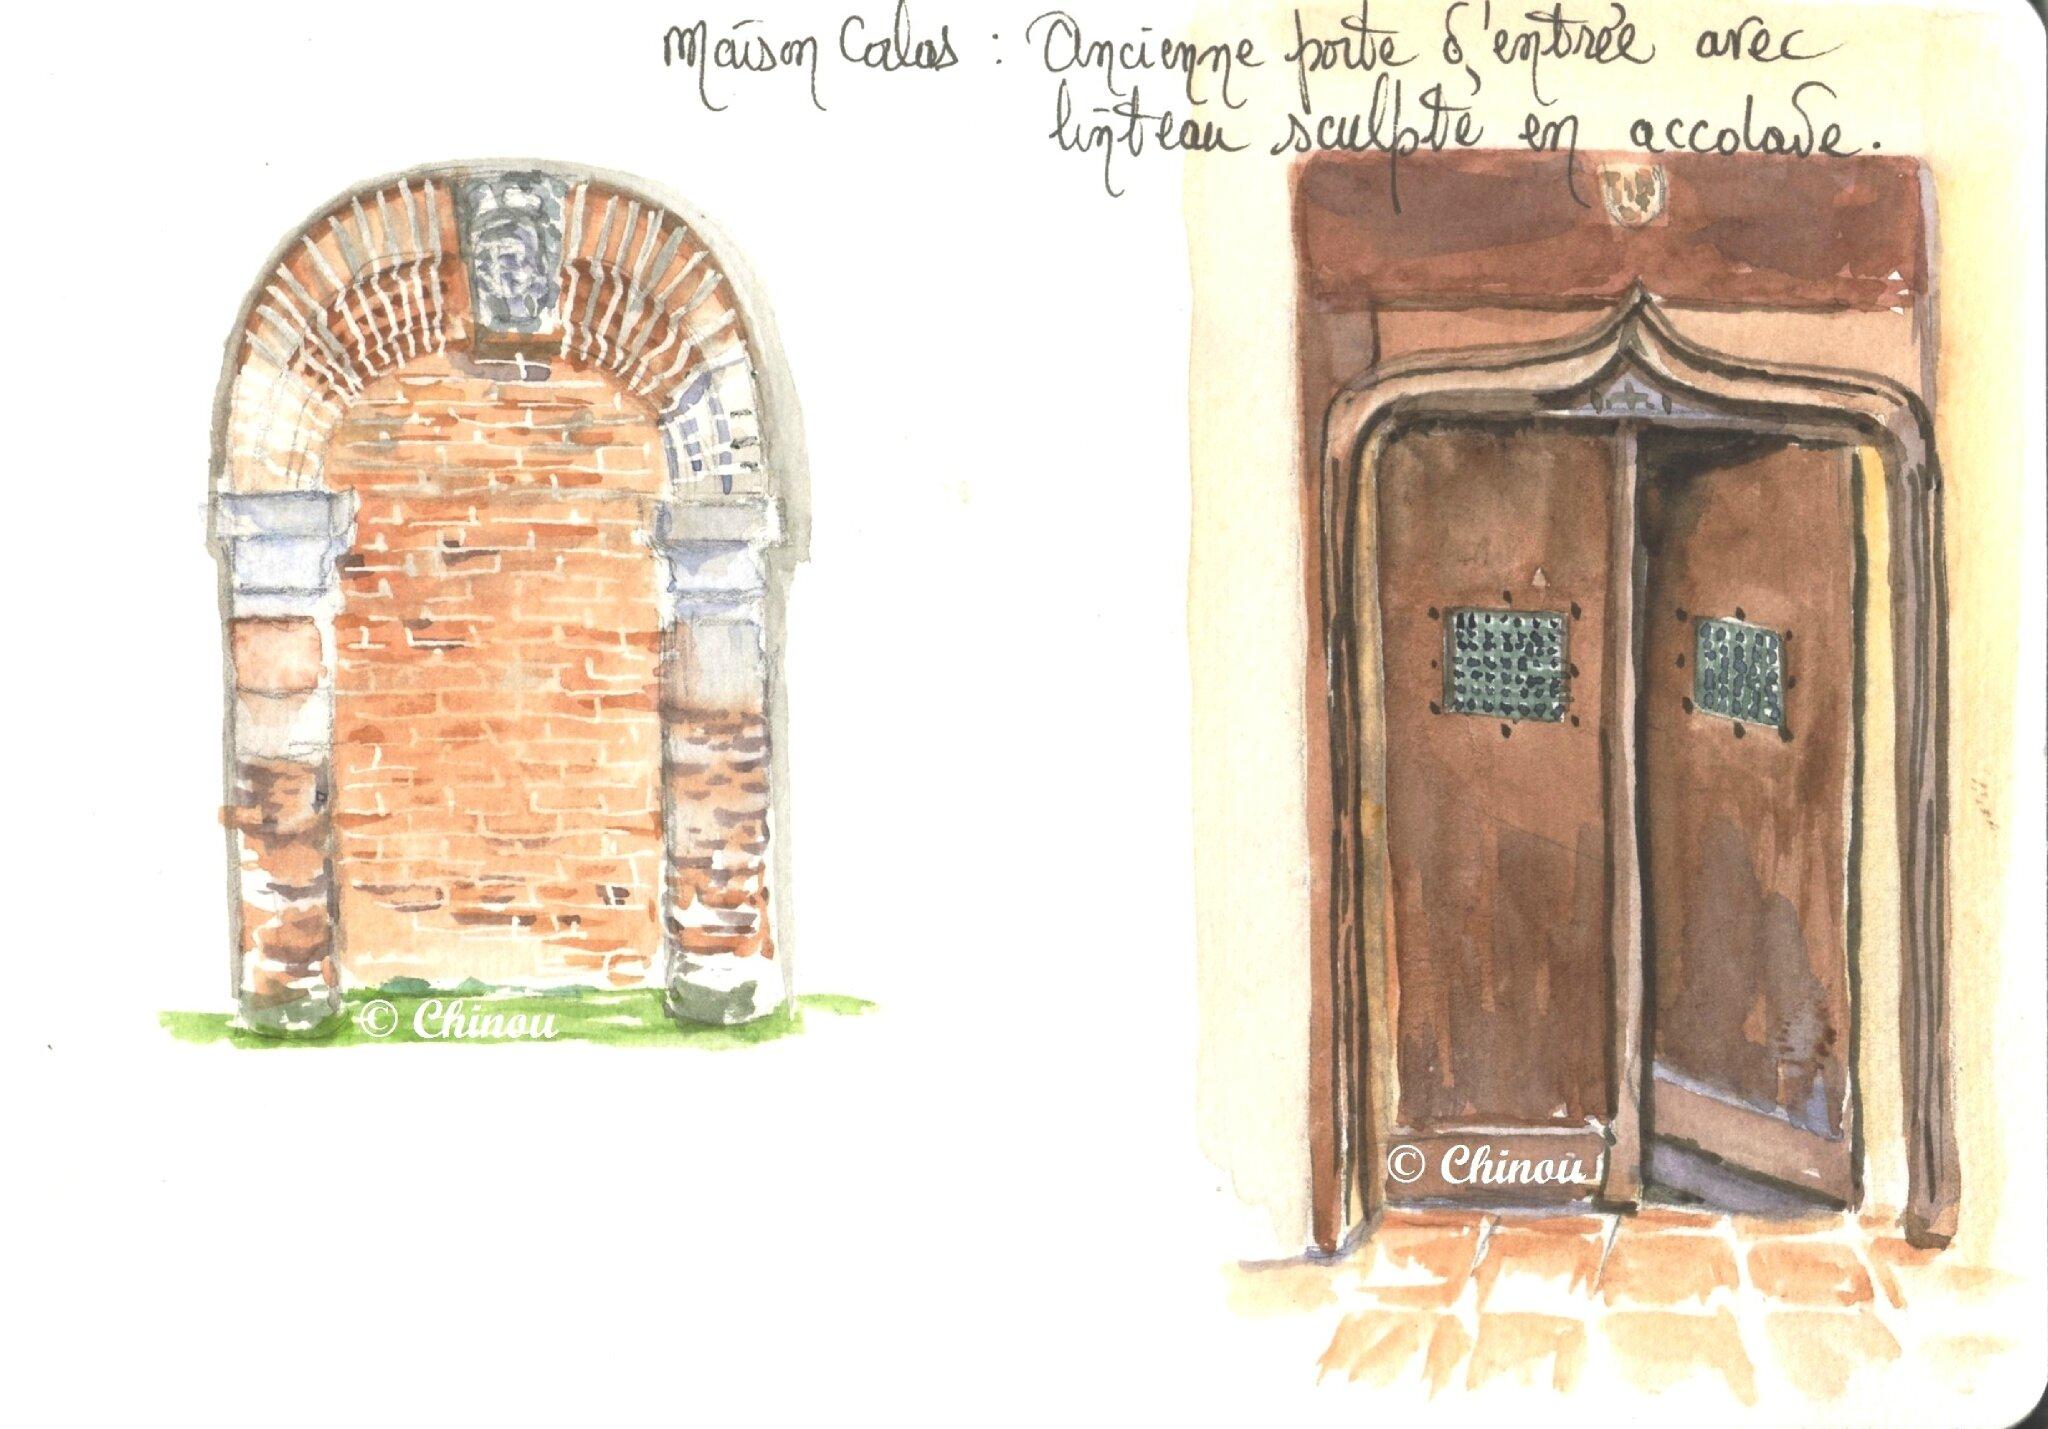 Porte maison Calas